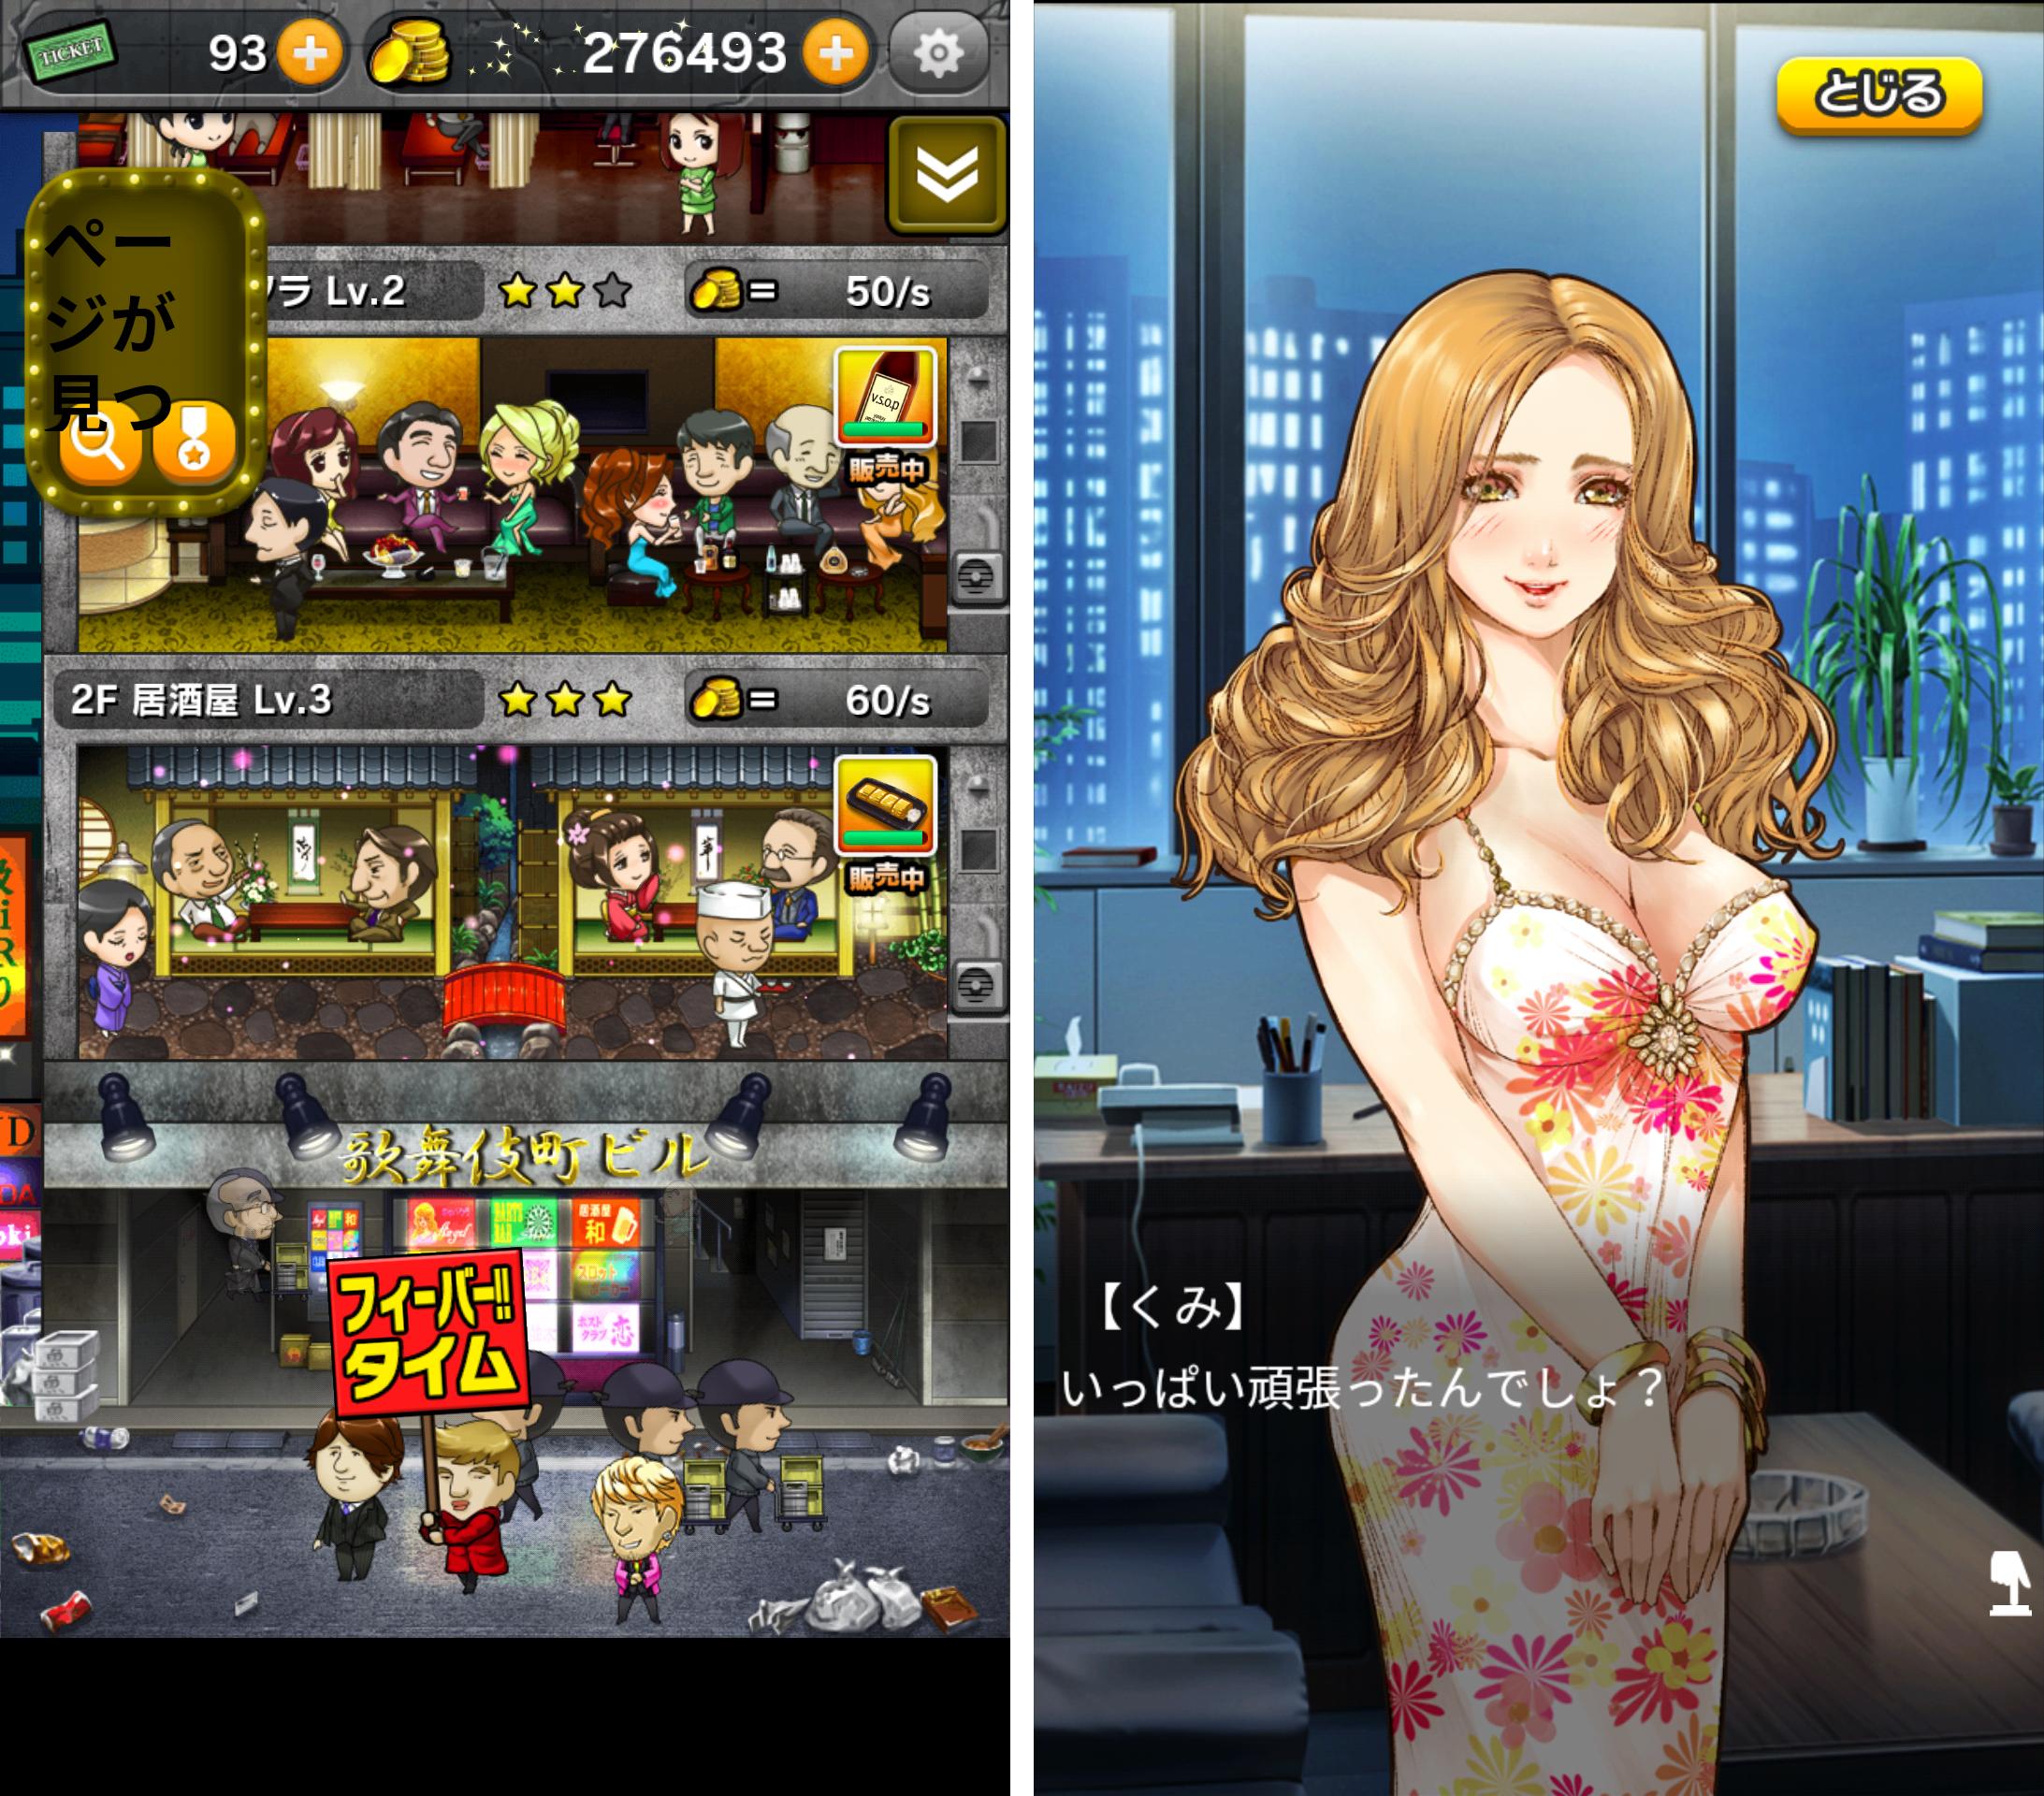 欲望が渦巻く街「歌舞伎町タワー」 androidアプリスクリーンショット1